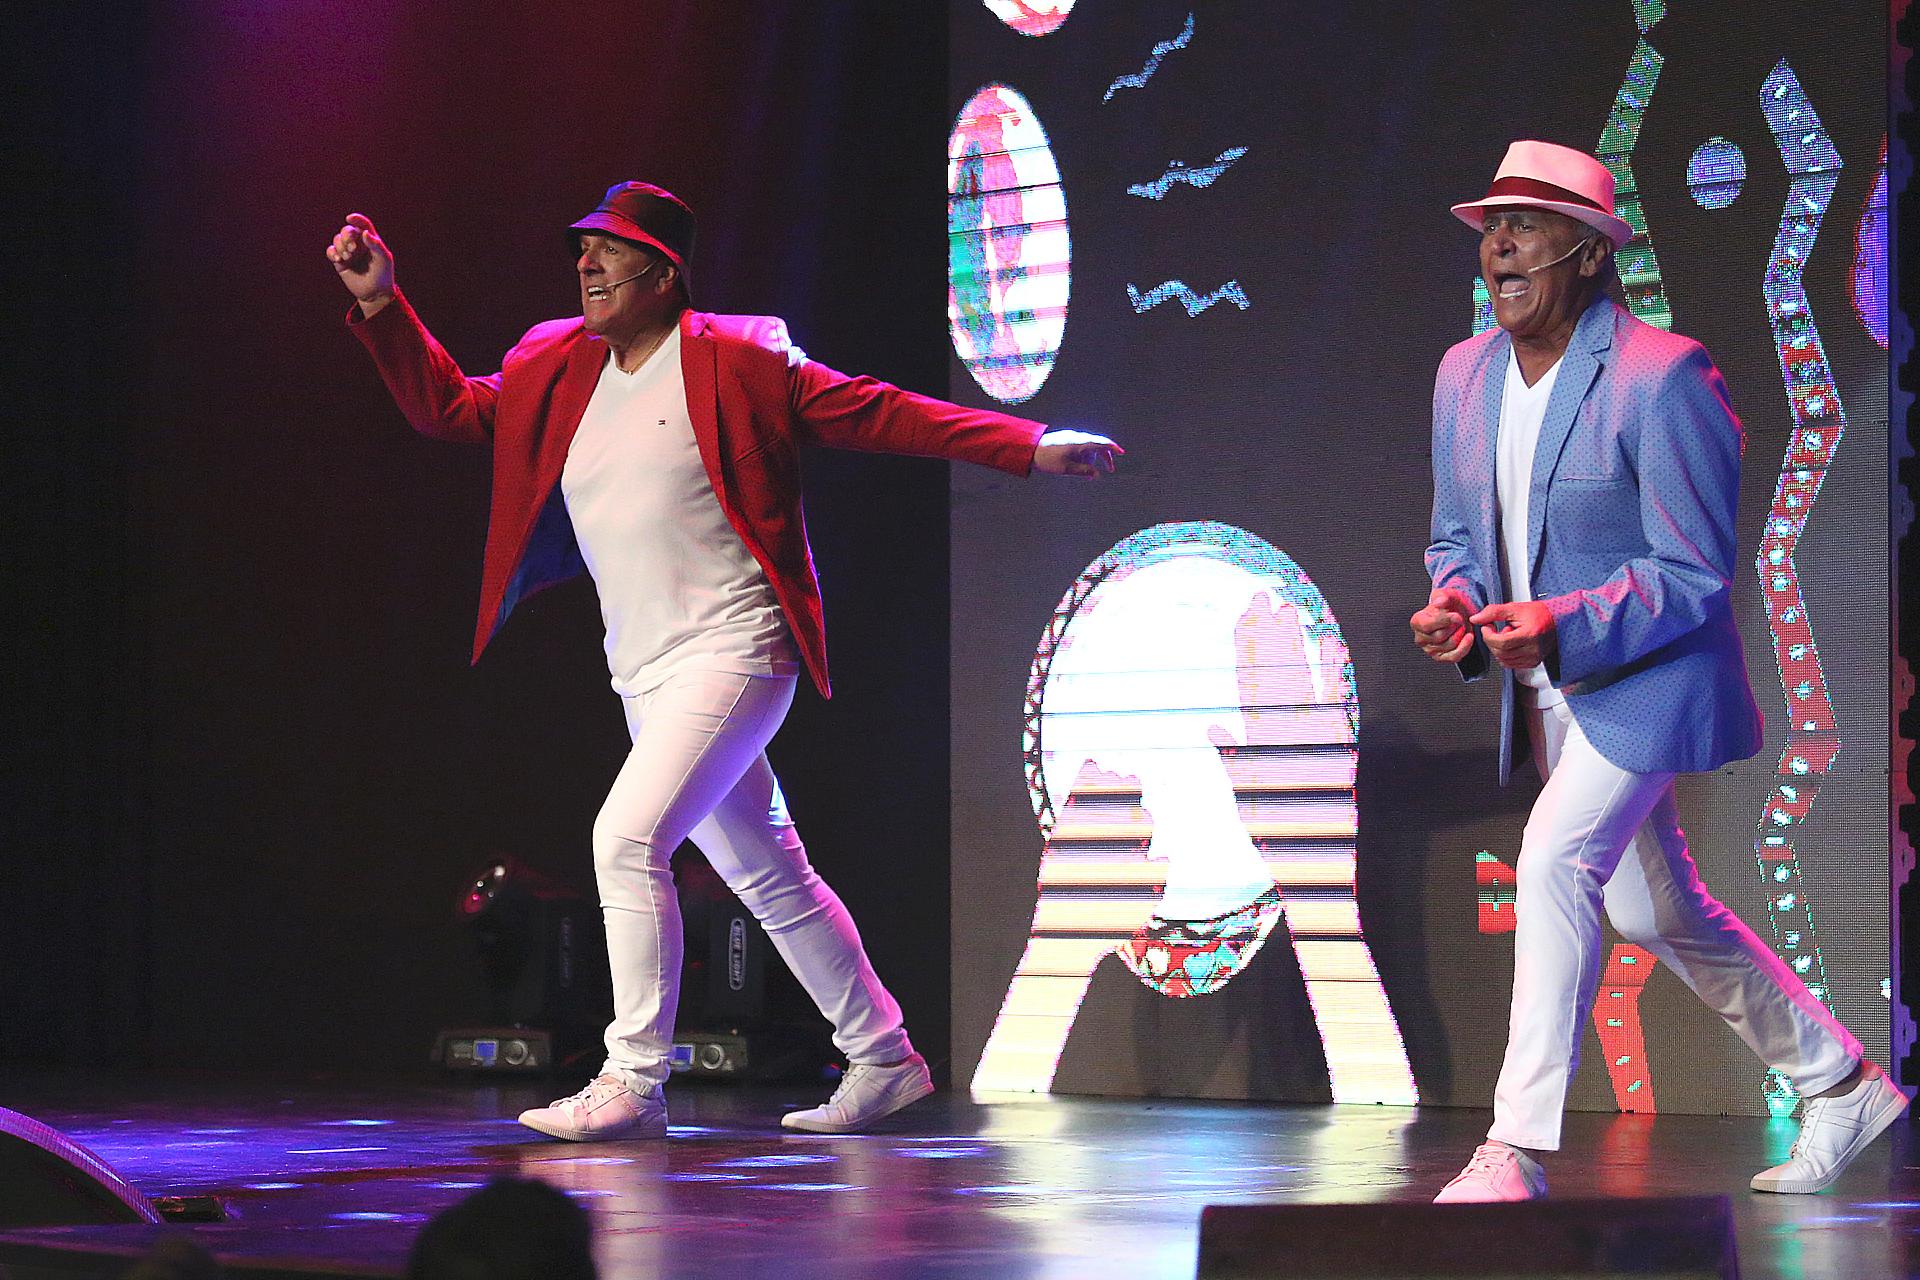 Miguel Del Sel y Dady Brieva vuelven a hacer reír al público, en un show familiar